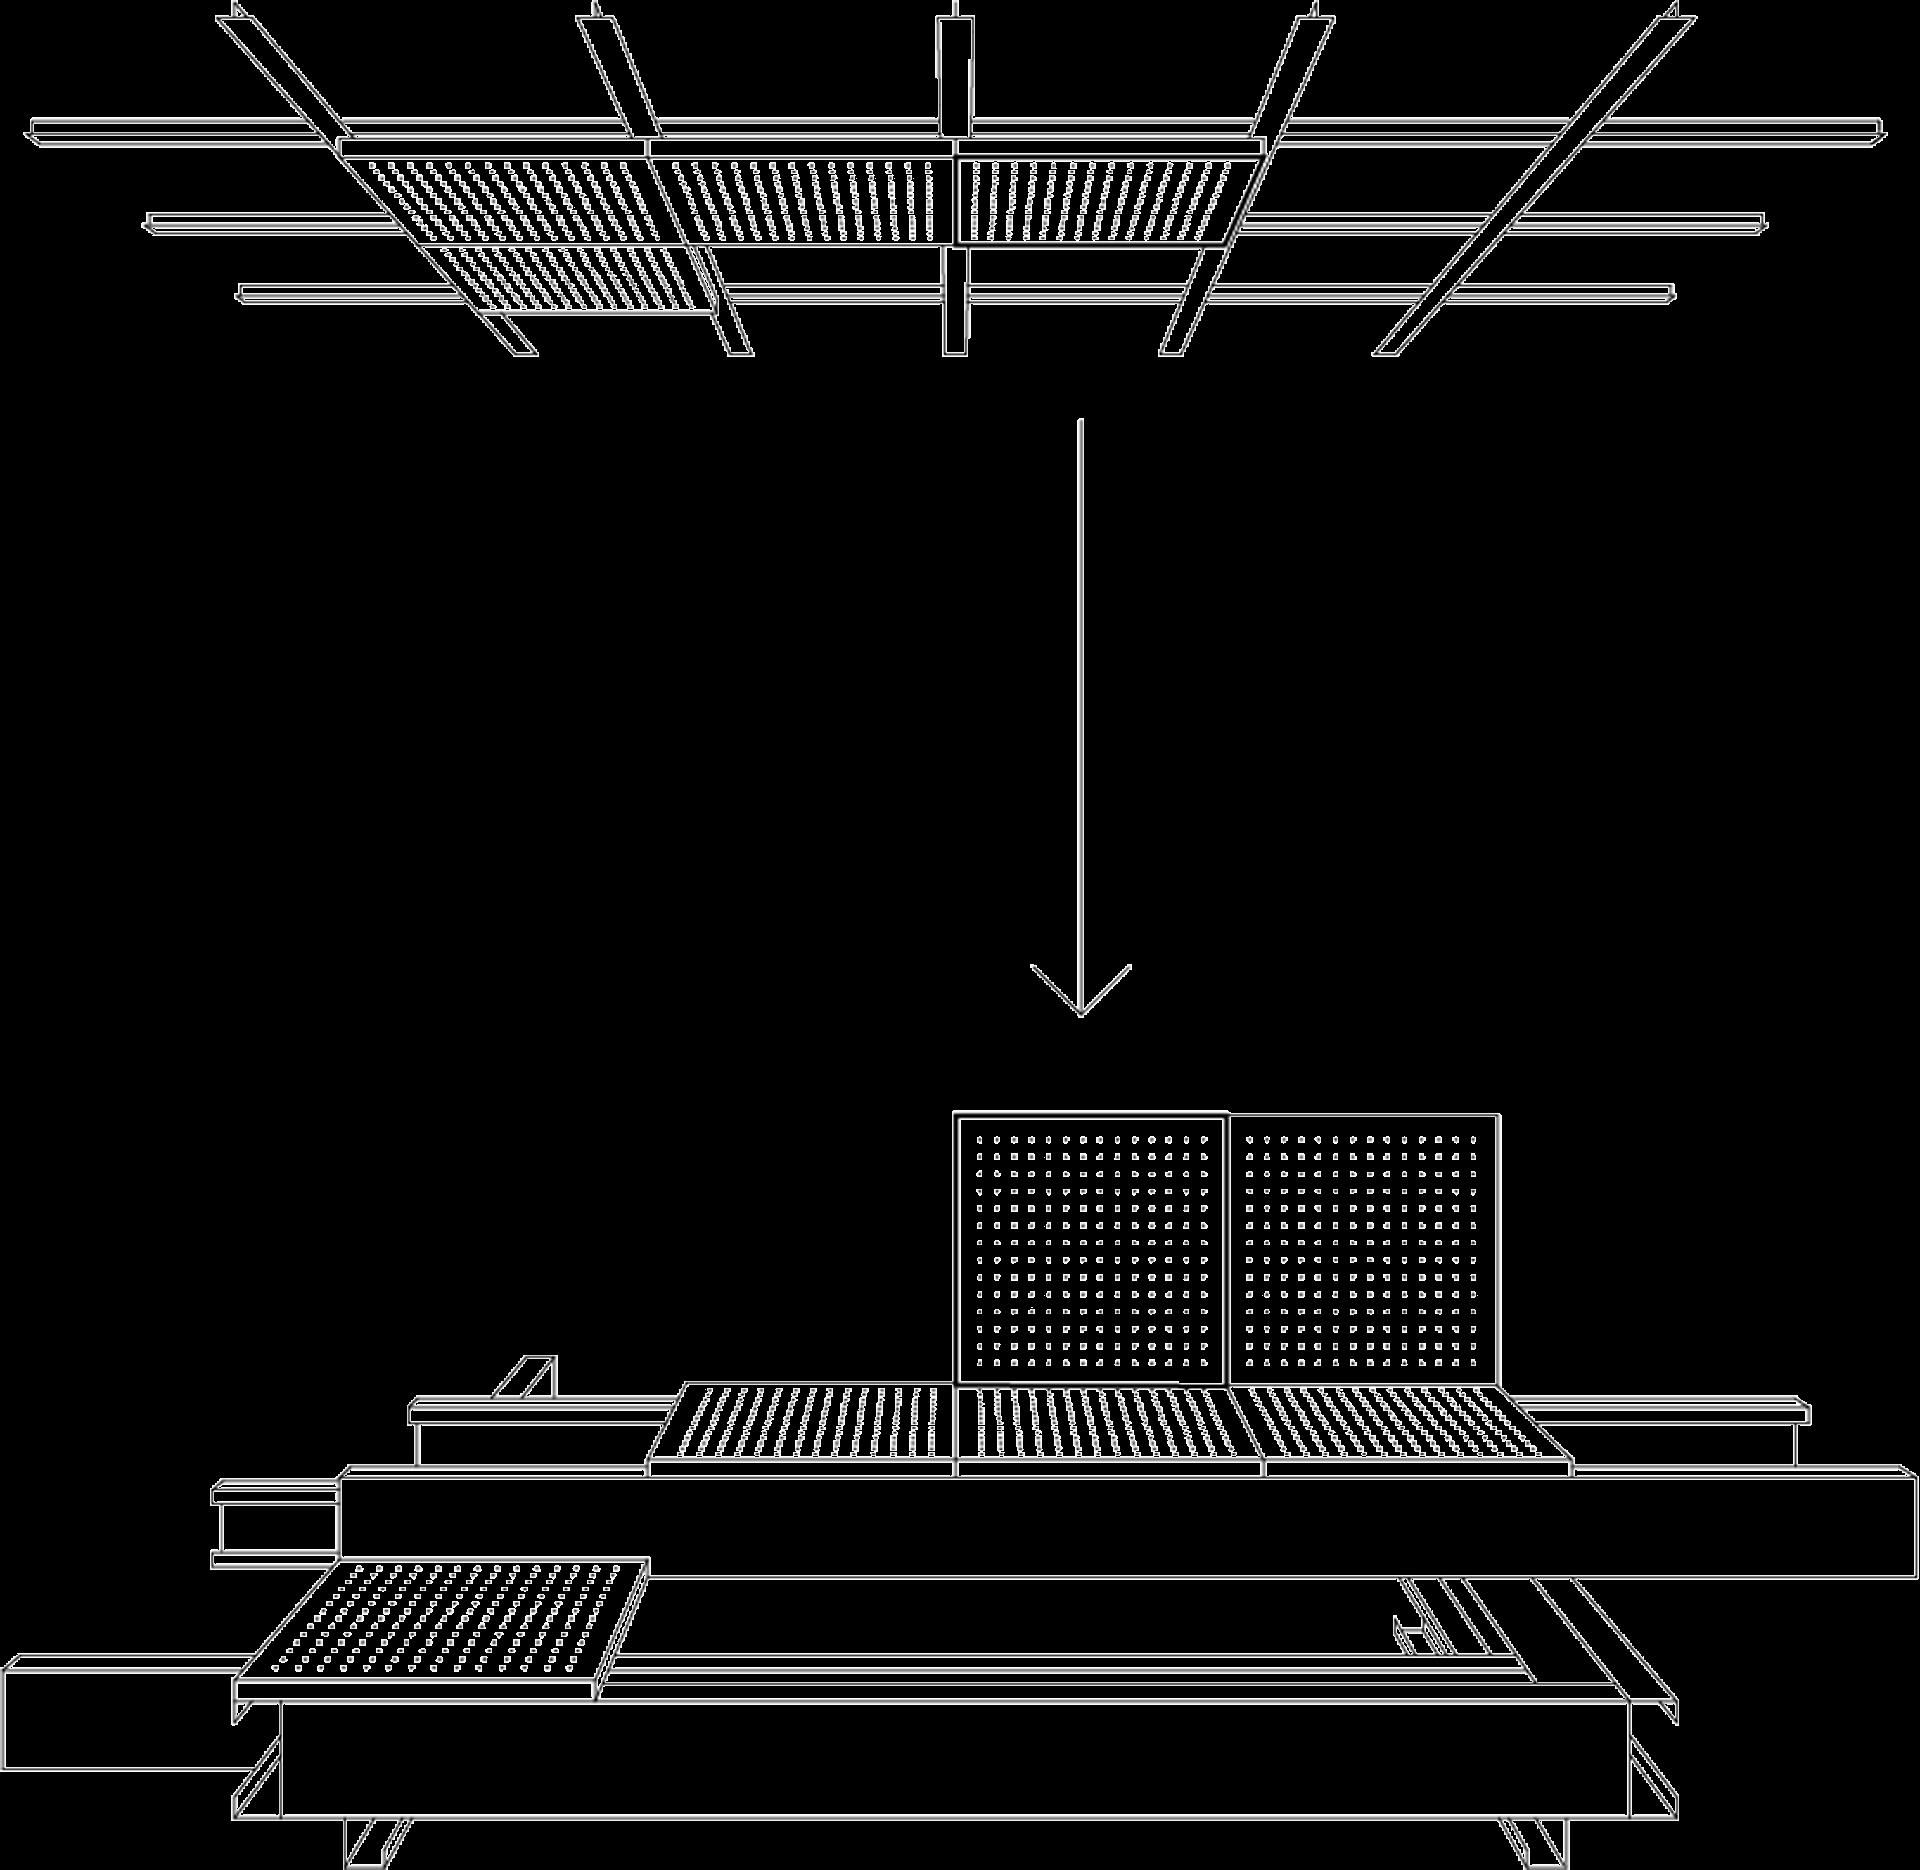 Skizze der Ausstellungsarchitektur für Future Factory, Schienensystem aus Alu mit recycleten Metallkassetten eines Deckenpaneels